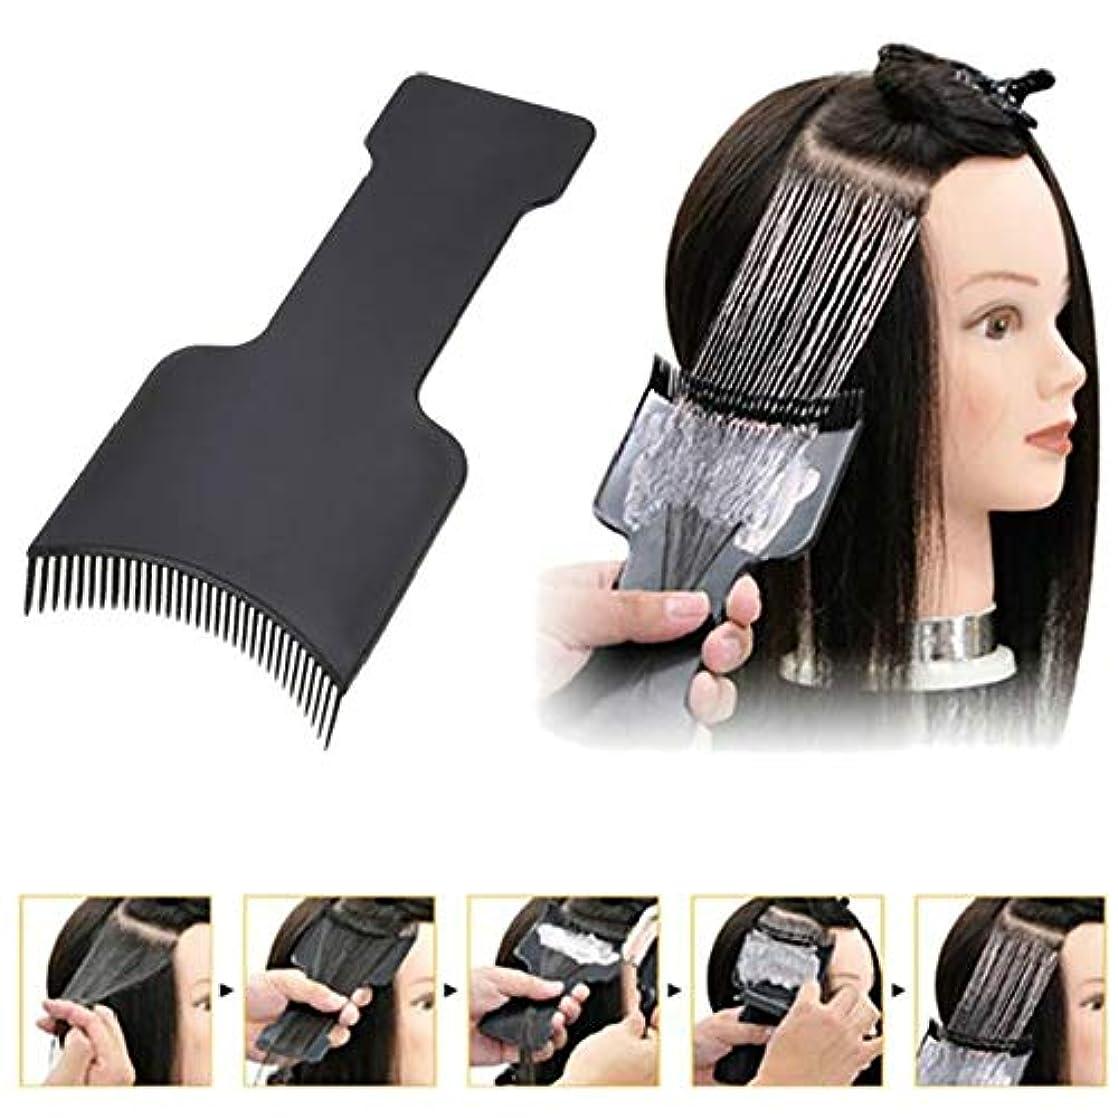 スラック汚染するキャンセルプロのファッション理髪ヘアアプリケータブラシ調剤サロンヘアカラーリング染色ピックカラーボードヘアスタイリングツール (M,ブラック)